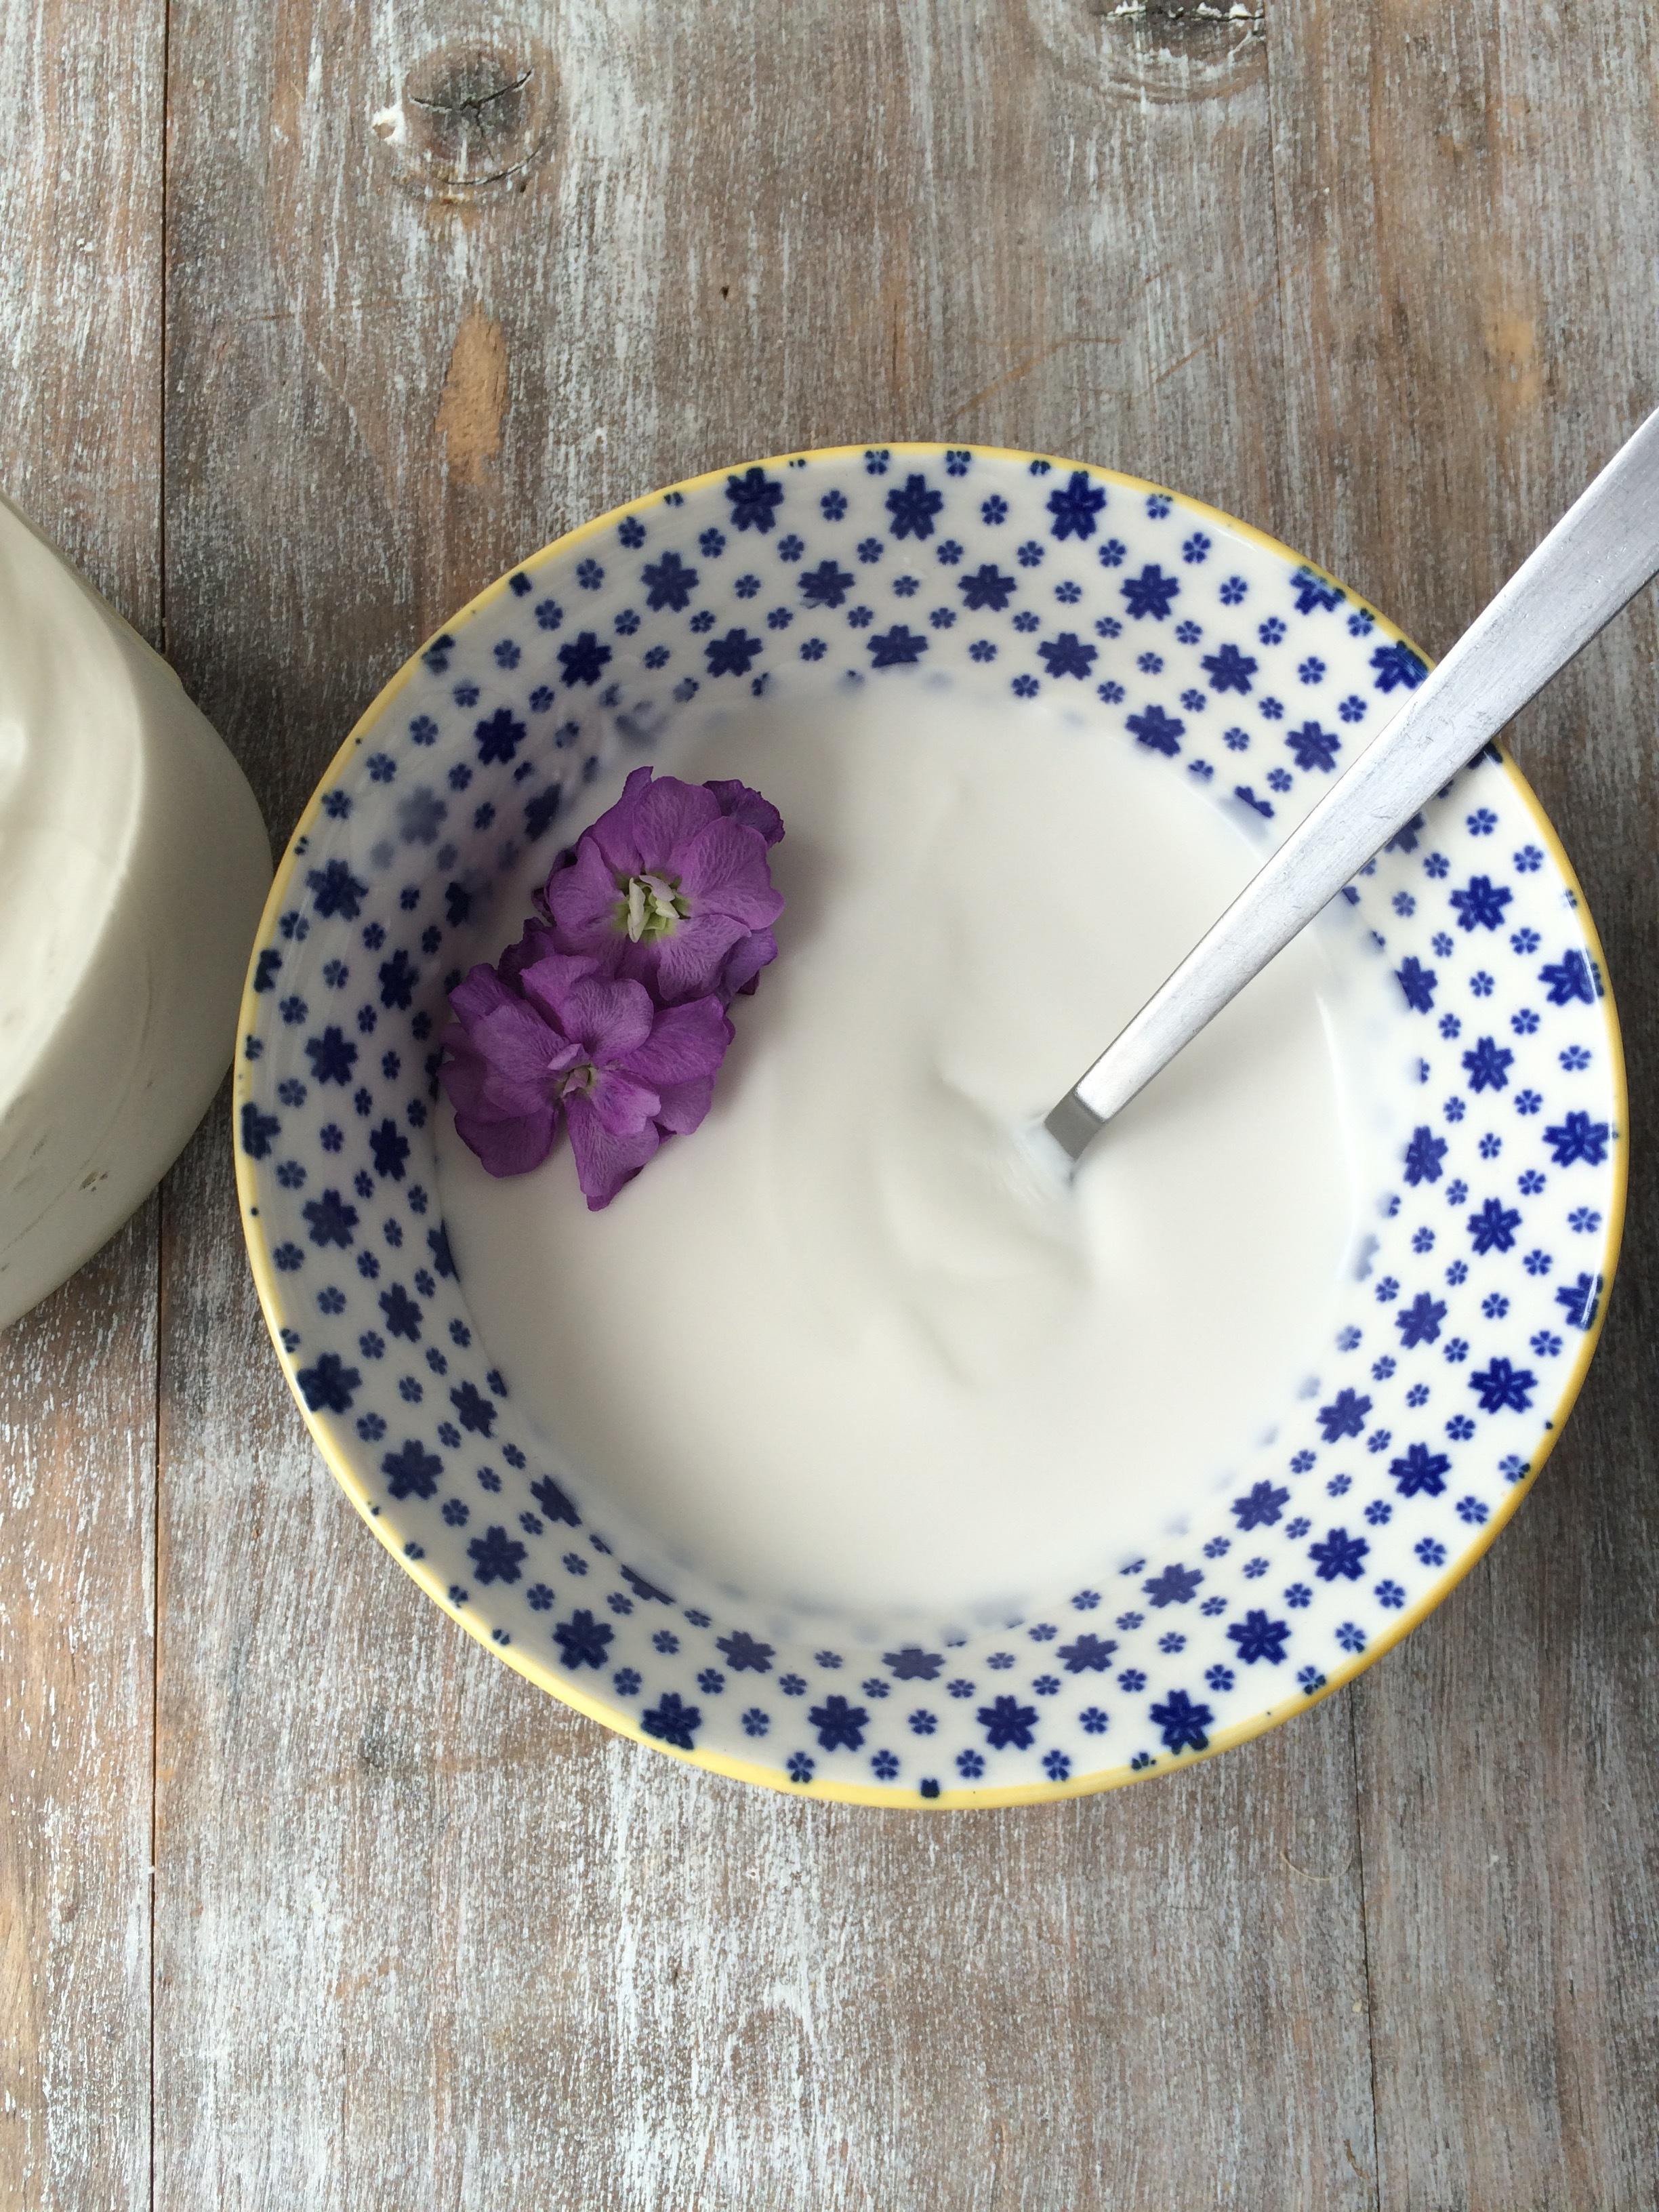 coconutyoghurt